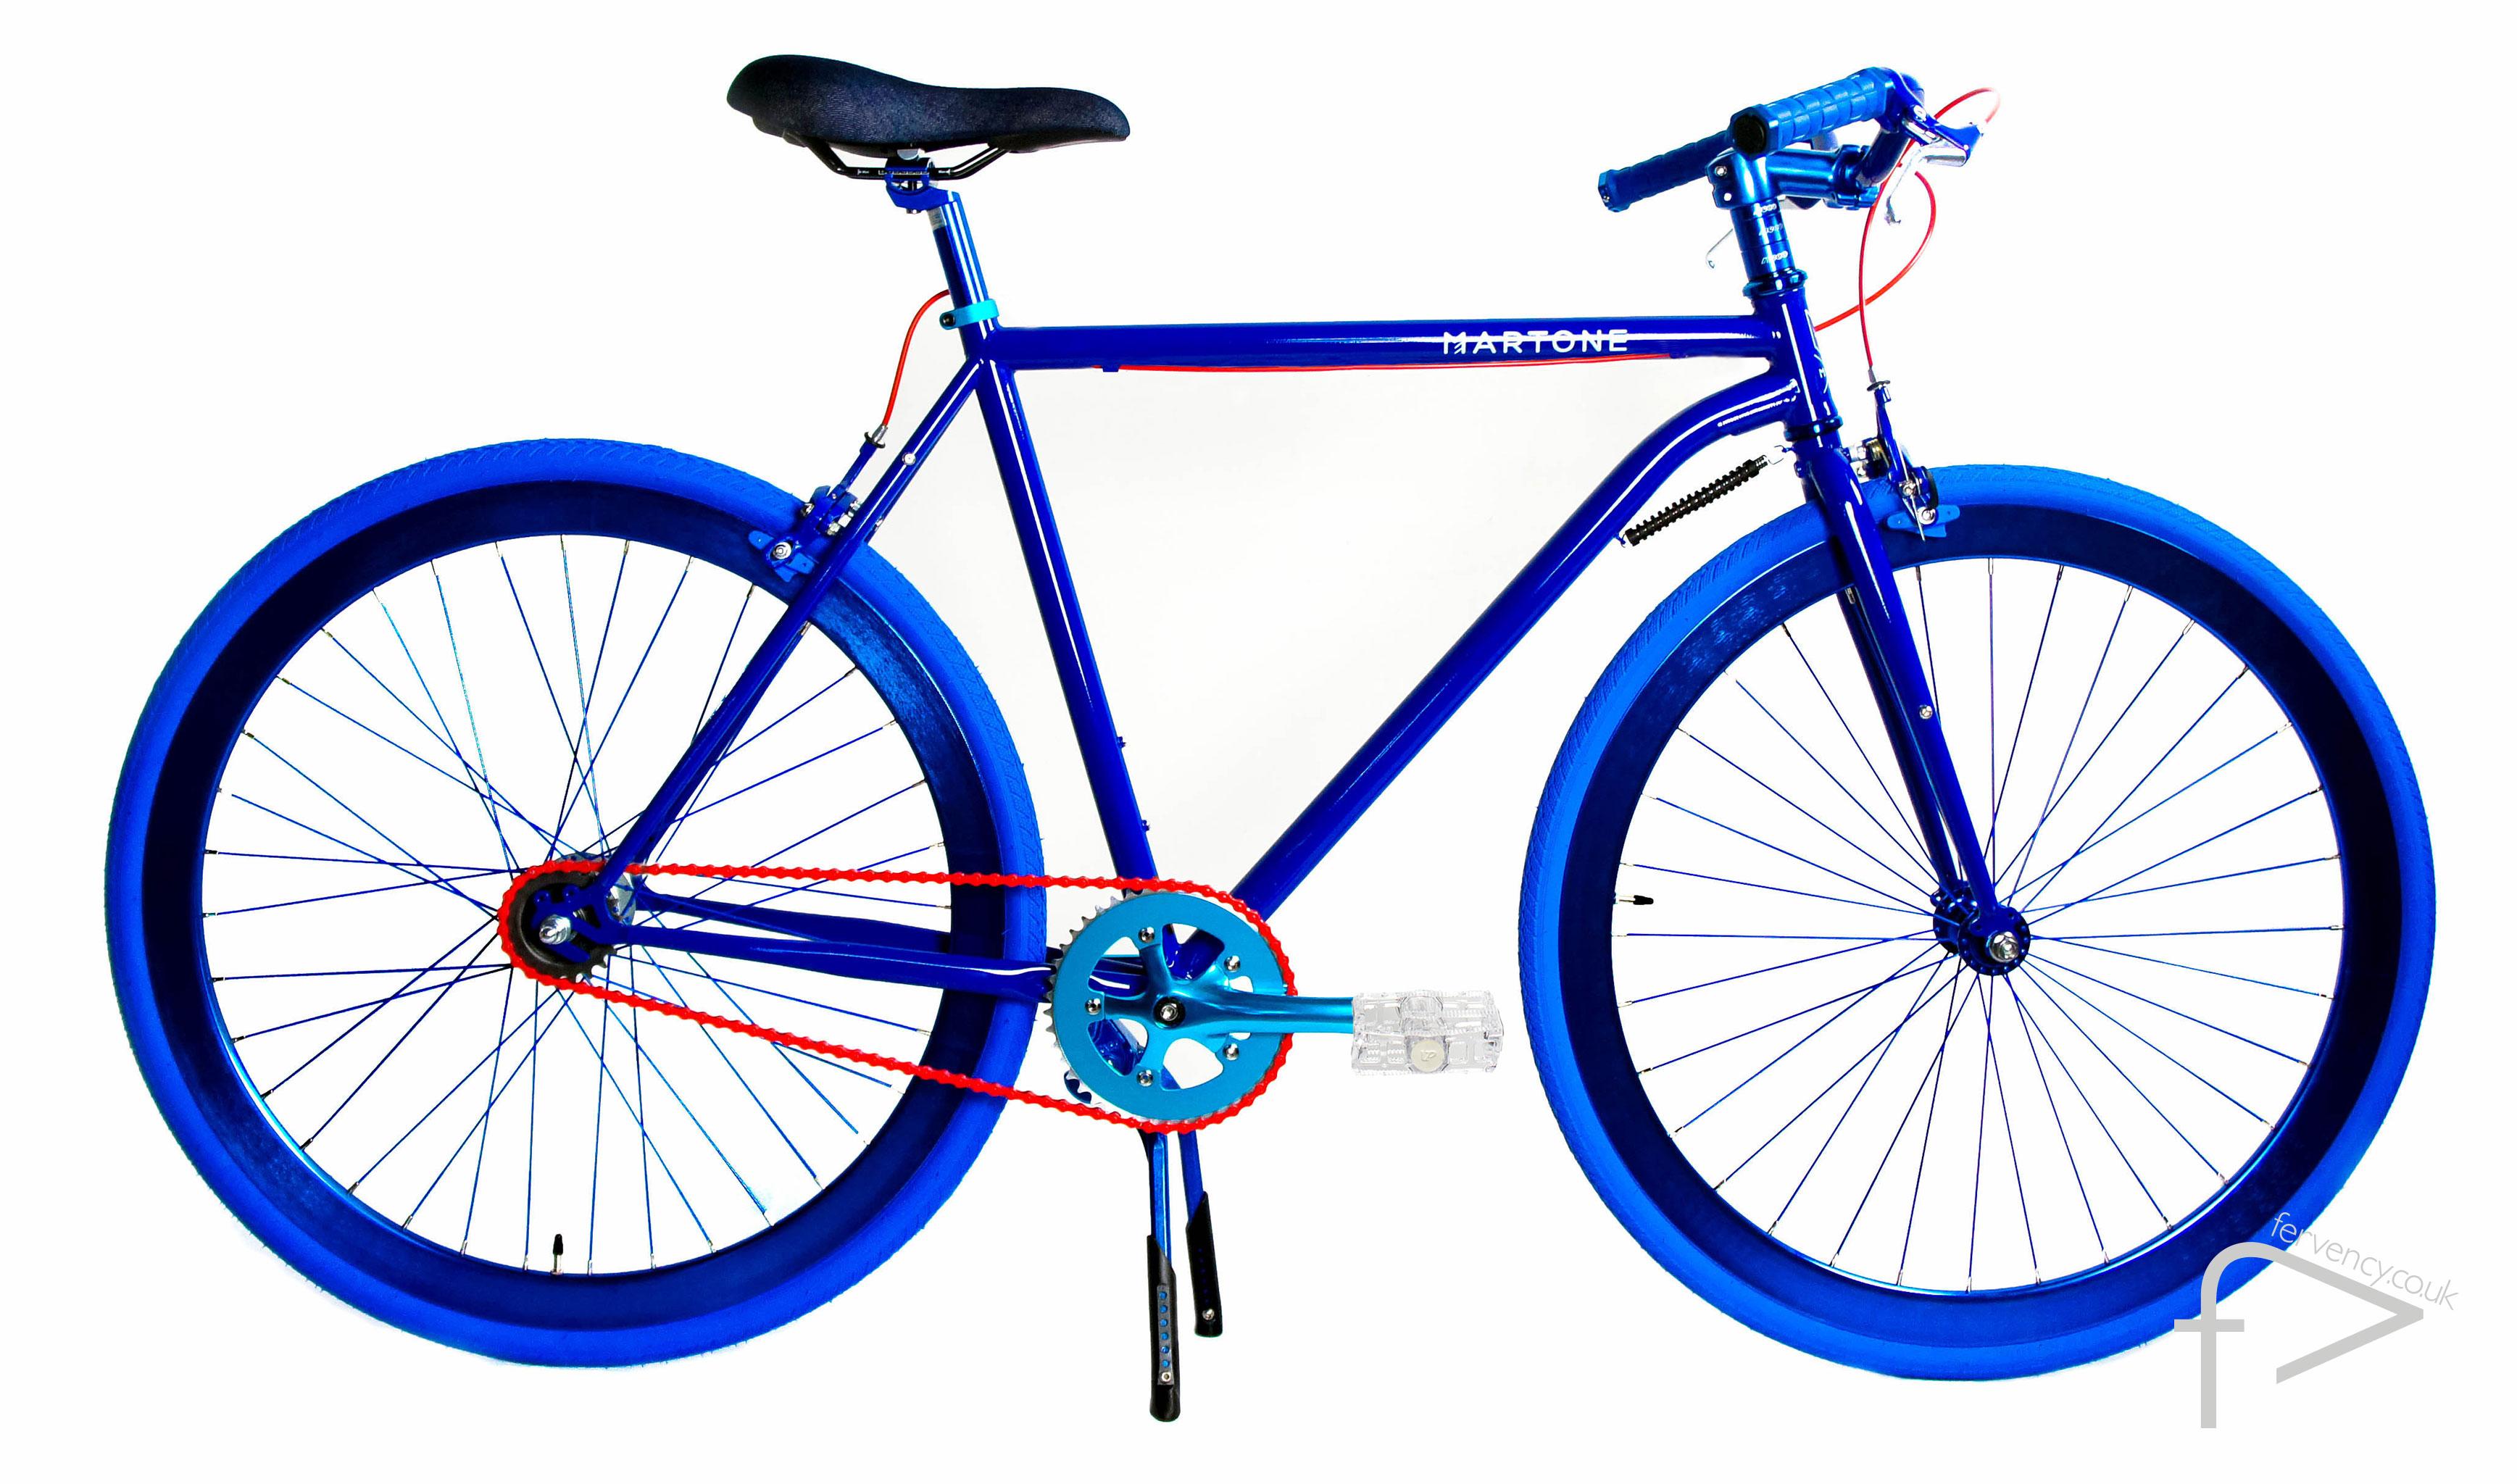 Chelsea Blue Bike UK